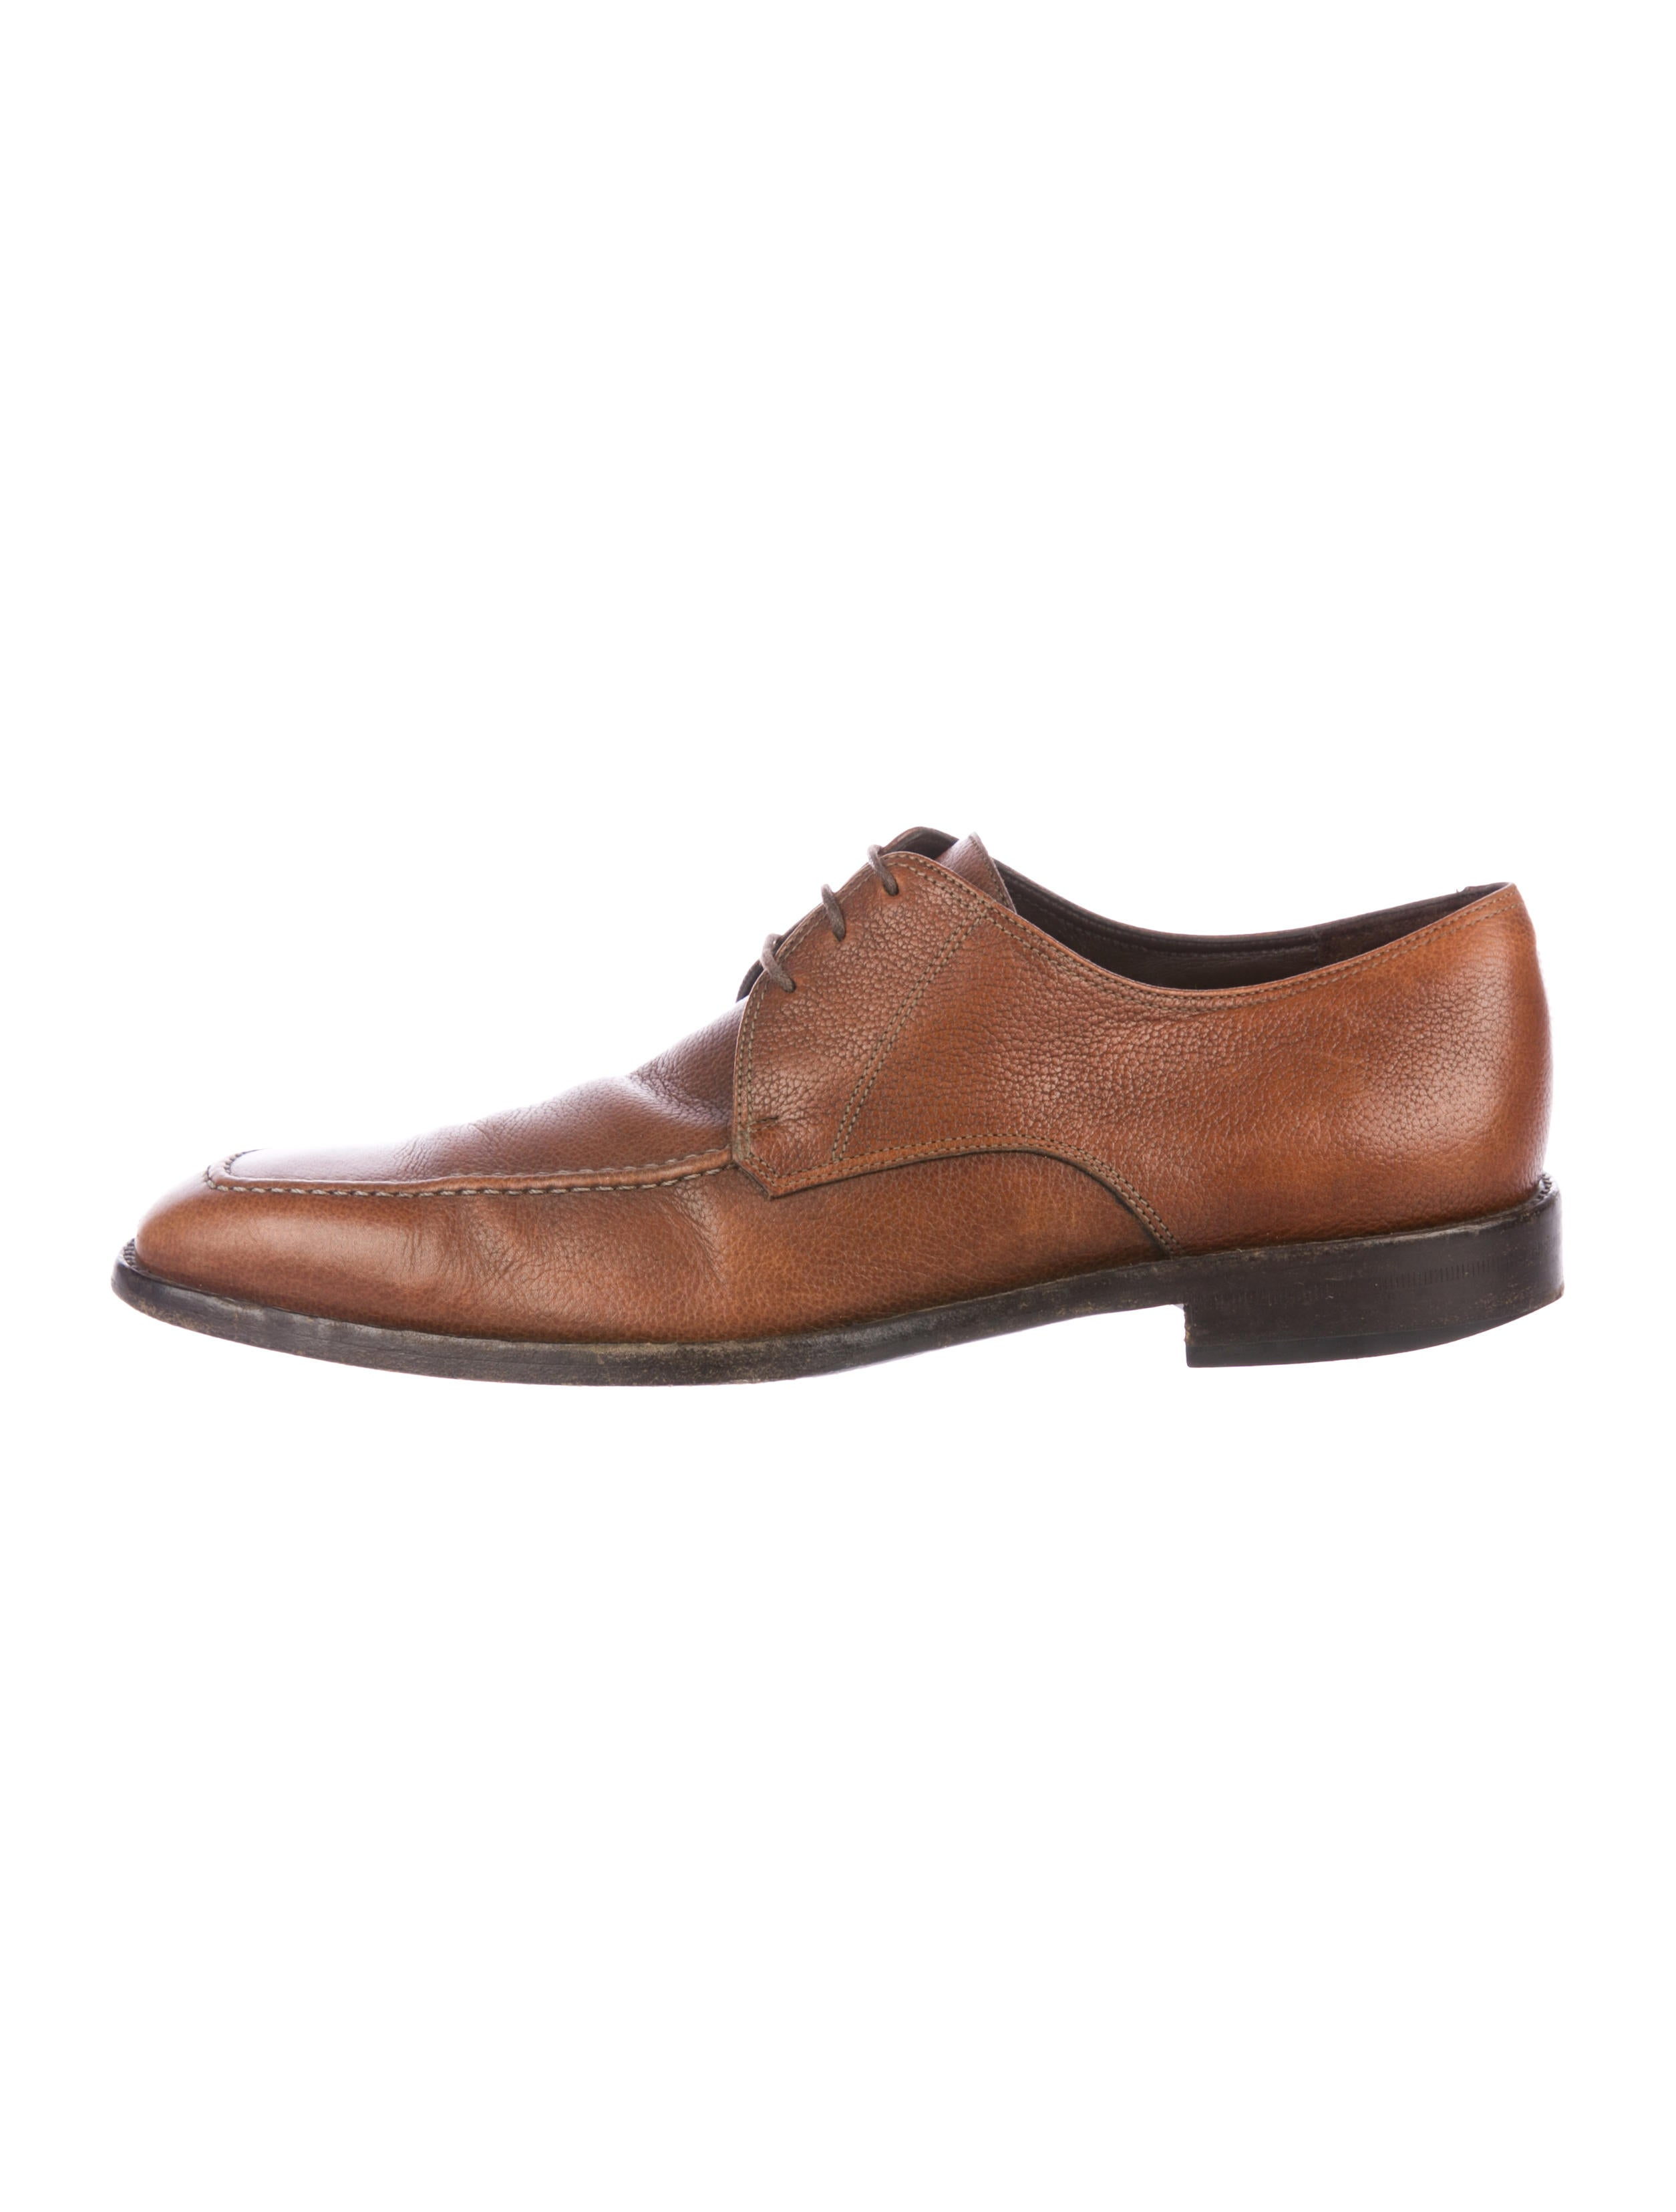 ea51f69001071 Salvatore Ferragamo Studio Leather Derby Shoes - Shoes - SALFS20020 ...